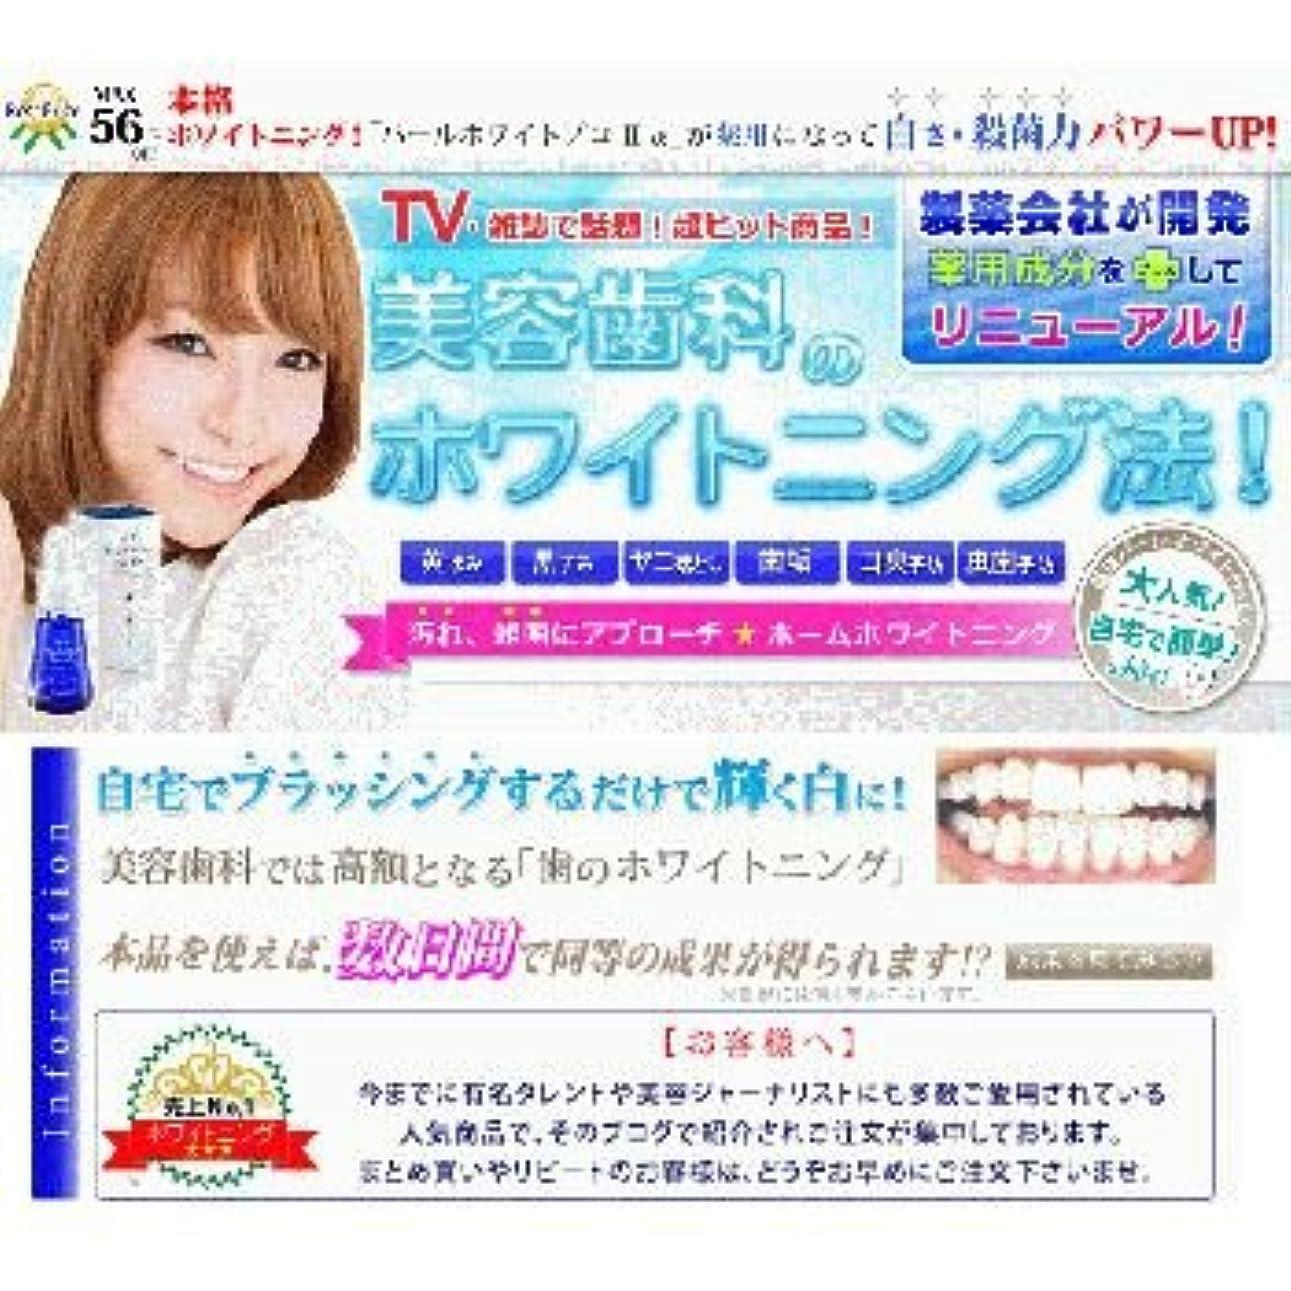 美健コーポレーション 薬用パールホワイトプロEX 2個セット